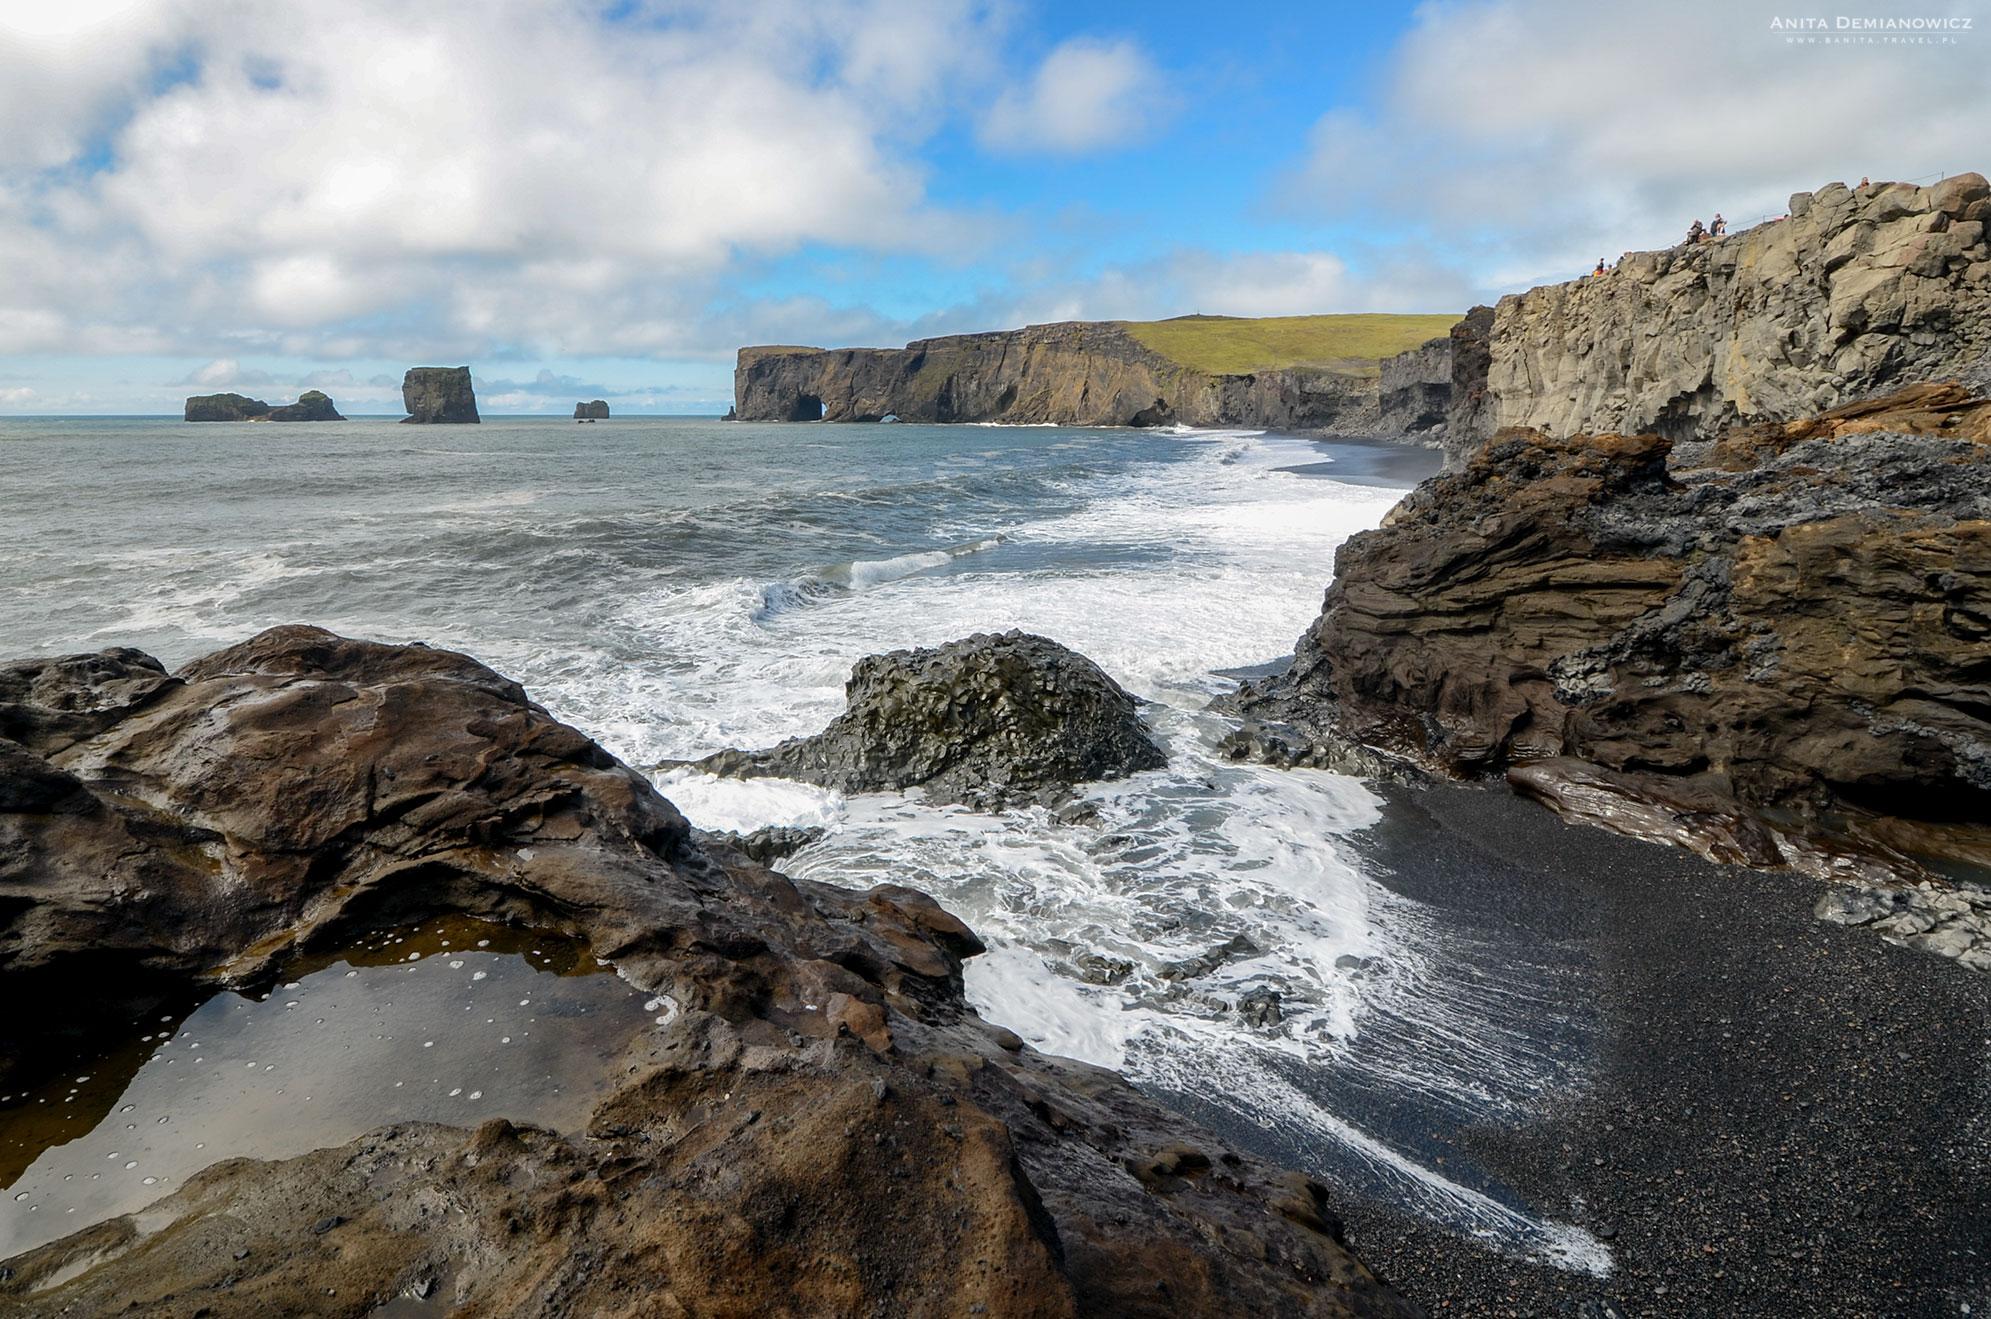 Półwysep Dyrholaey, Islandia, Anita Demianowicz